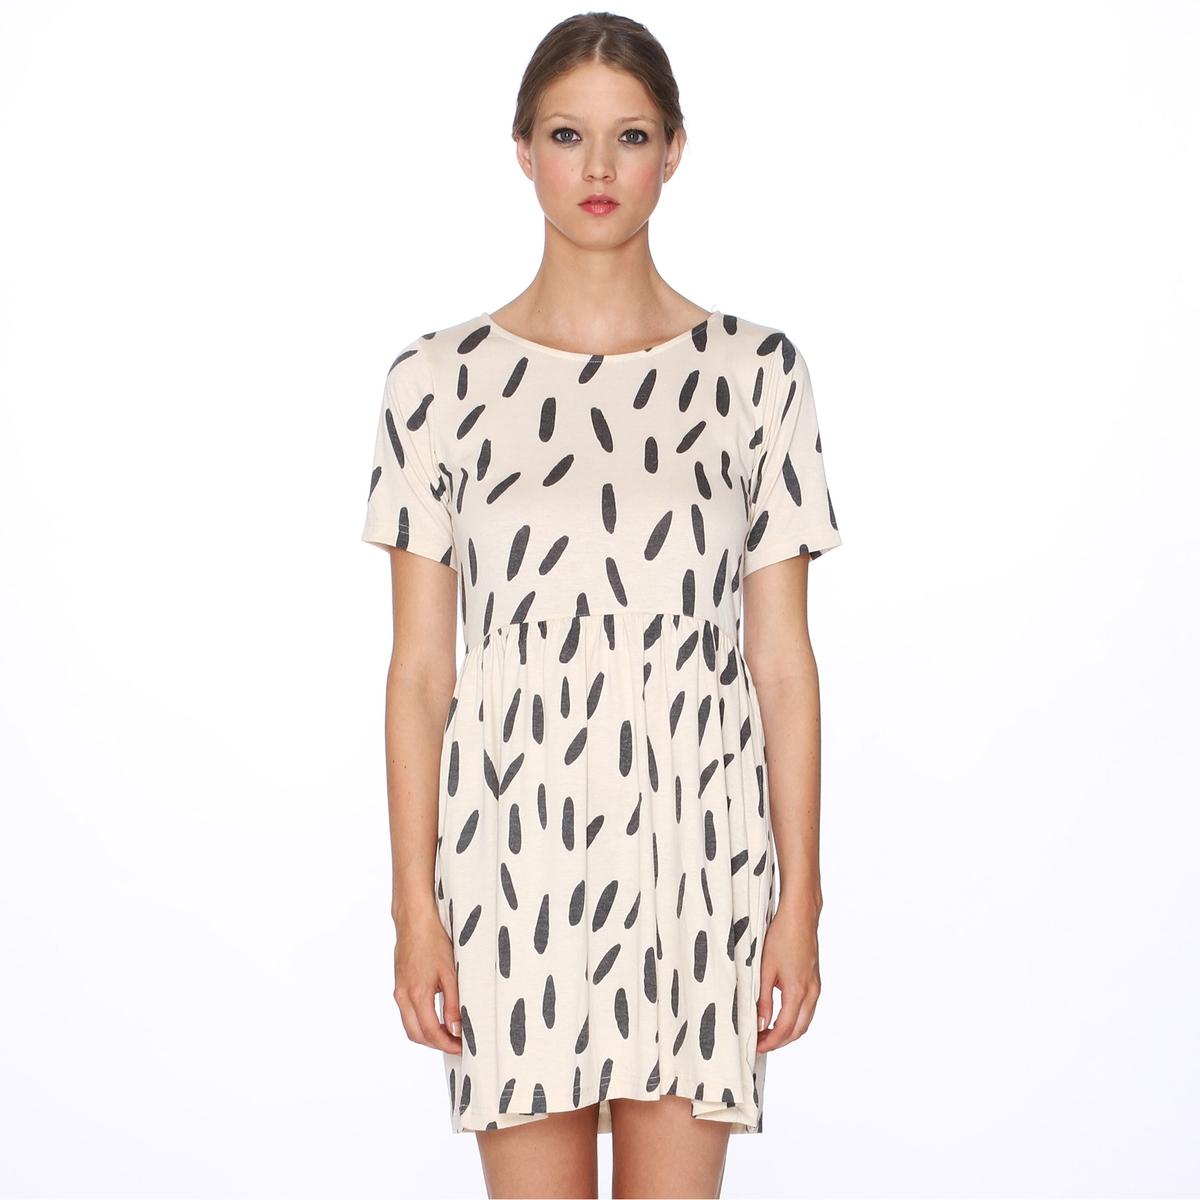 Платье с короткими рукавами, с рисунком PEPALOVES, Dress Black RiceСостав и описание :Материал : 60% полиэстера, 35% рэйона, 5% эластанаМарка : PEPALOVES<br><br>Цвет: принт/бежевый<br>Размер: S